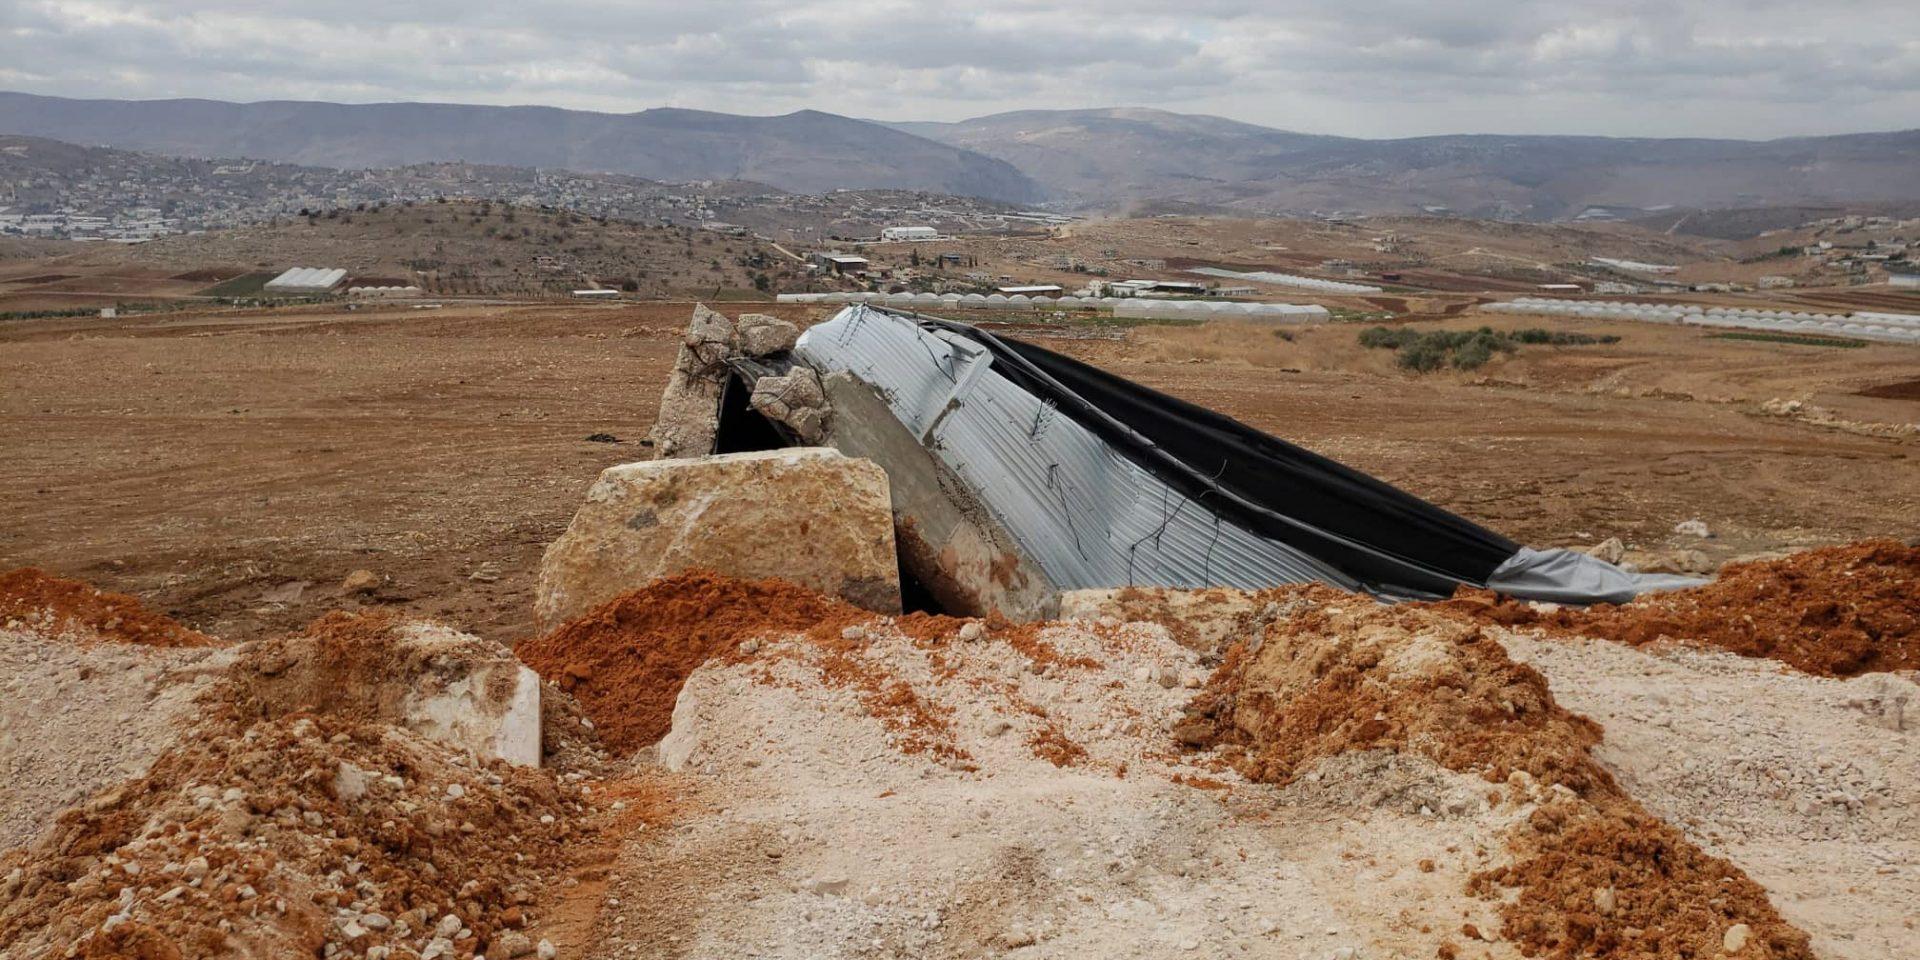 200 familjer fick vatten från den svenskfinansierade vattenreservoaren som nu förstörts av israelisk militär.